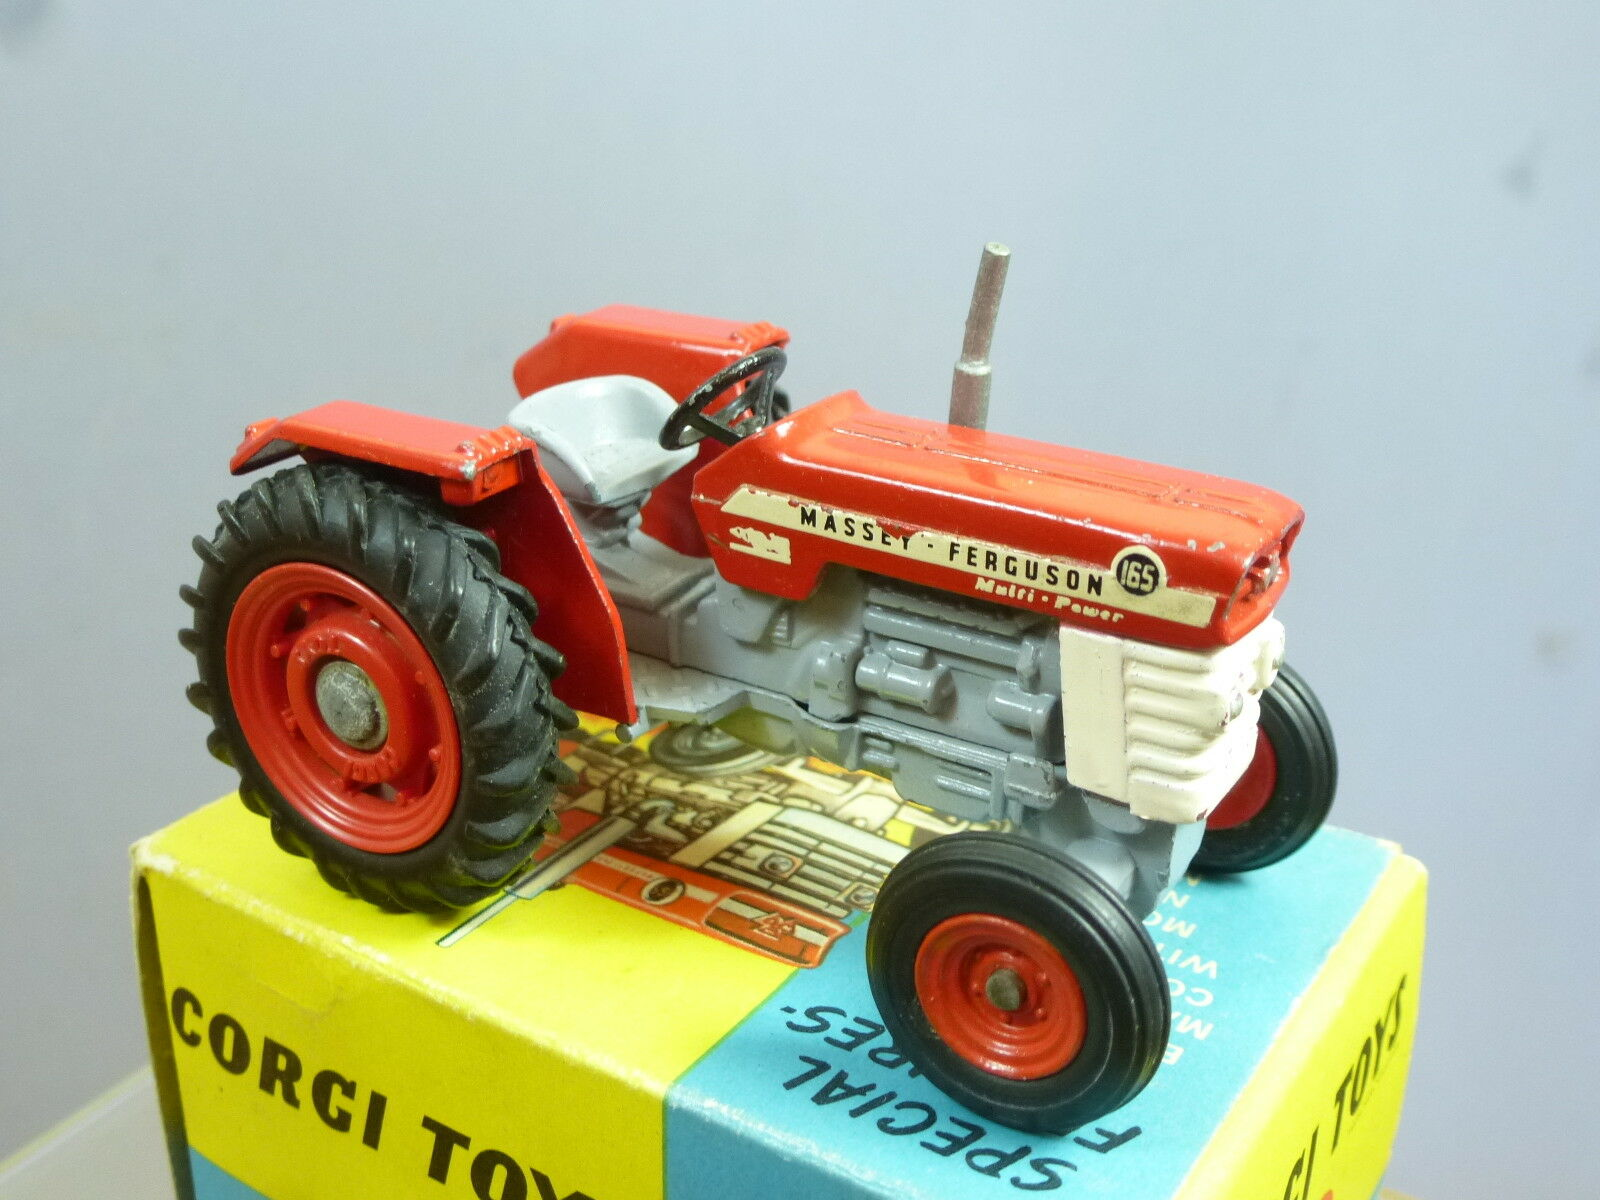 CORGI TOYS MODEL MODEL MODEL No.66 Massey-Ferguson 165 tracteur En parfait état, dans sa boîte | Outlet Shop En Ligne  191b9a